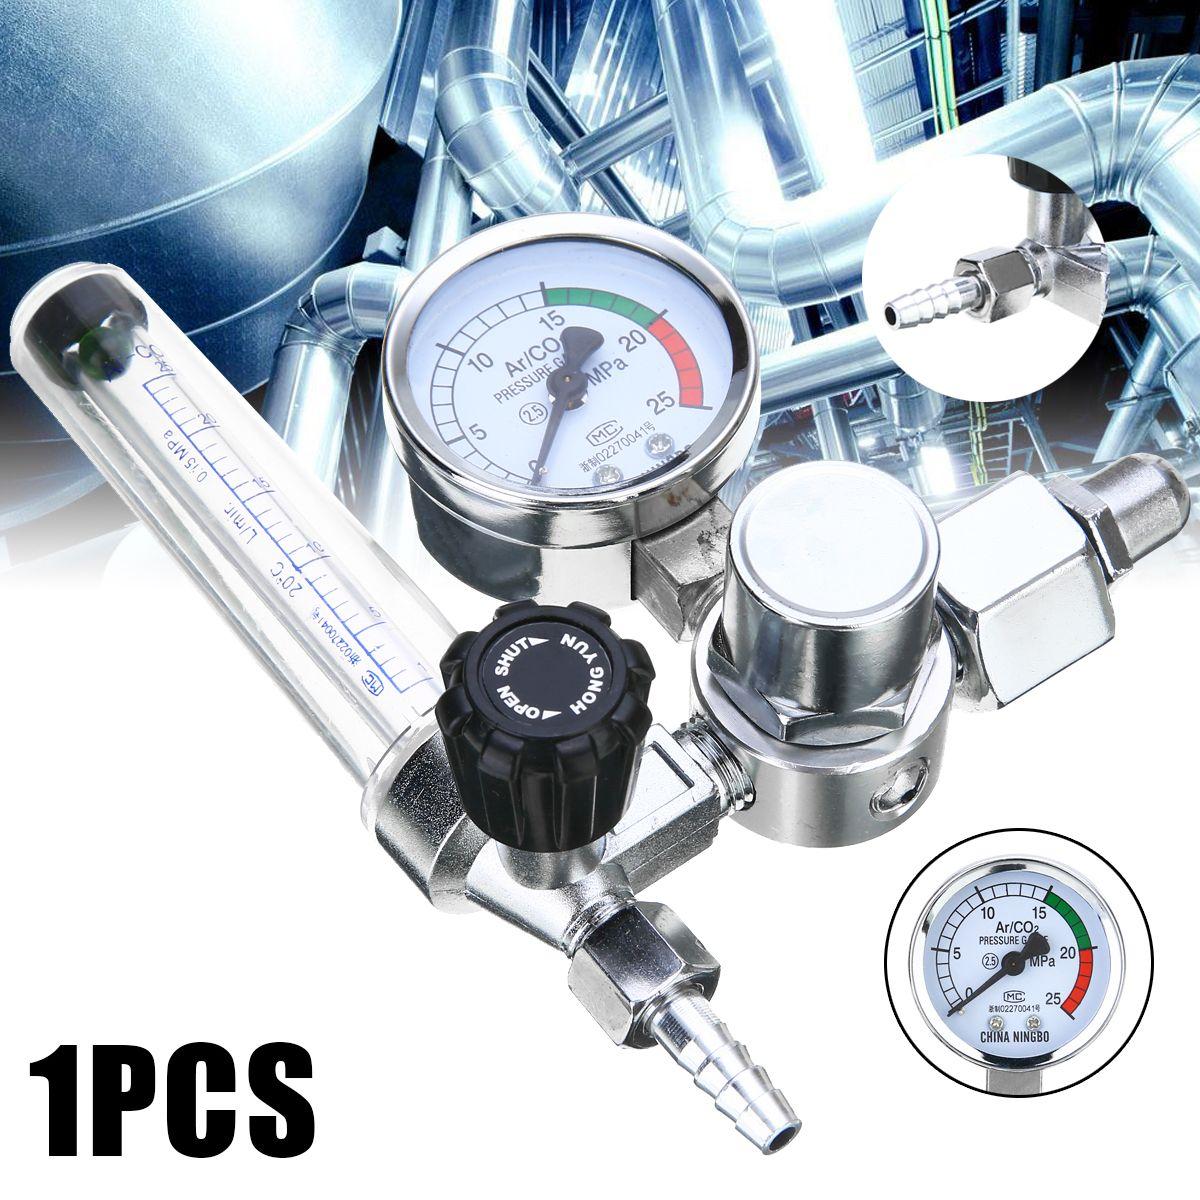 Argon CO2 Mig Tig Flow Meter Gas Regulator Flowmeter Welding Weld Gauge Argon Regulator Oxygen Pressure Reducer Color Random